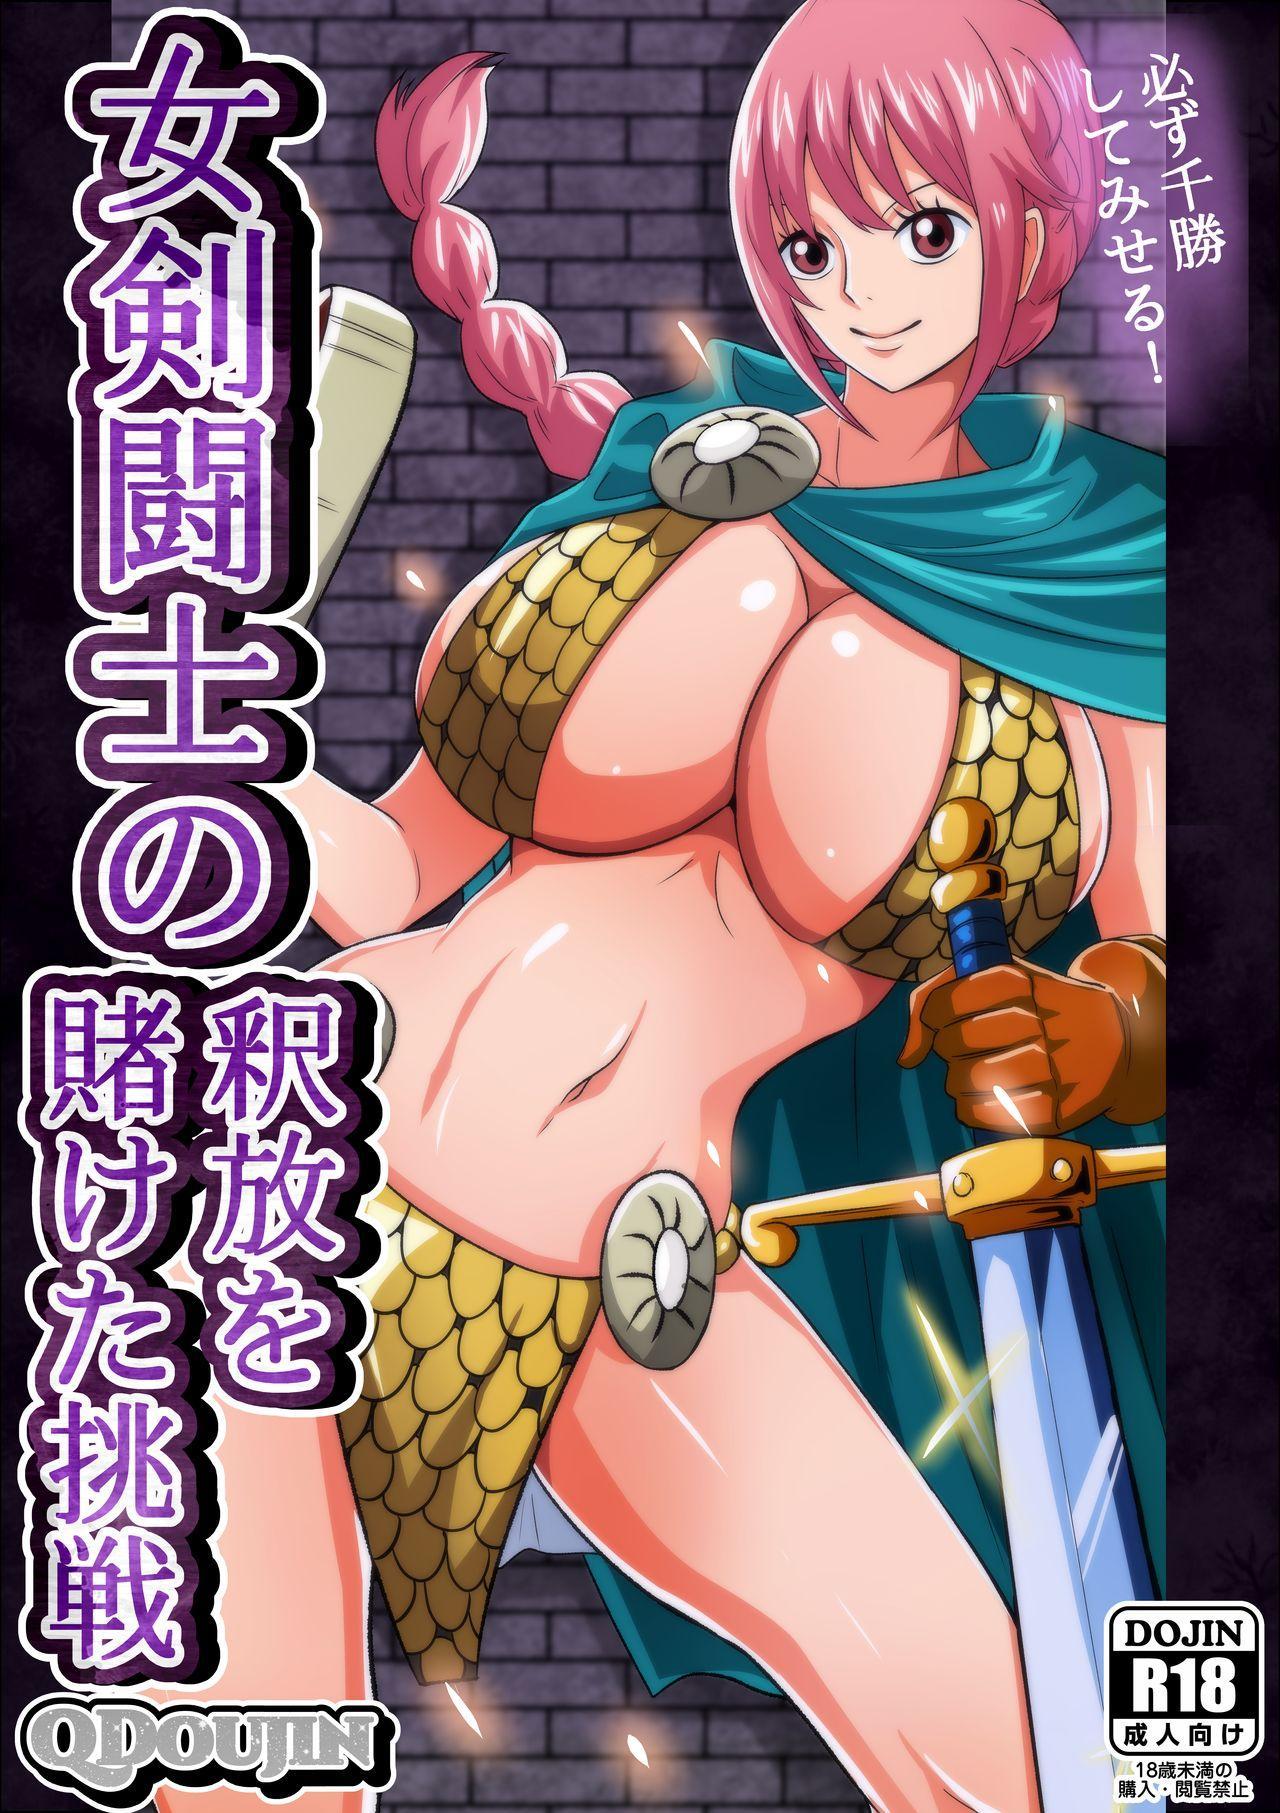 Onna Kentoushi no Shakuhou o Kaketa Chousen 0